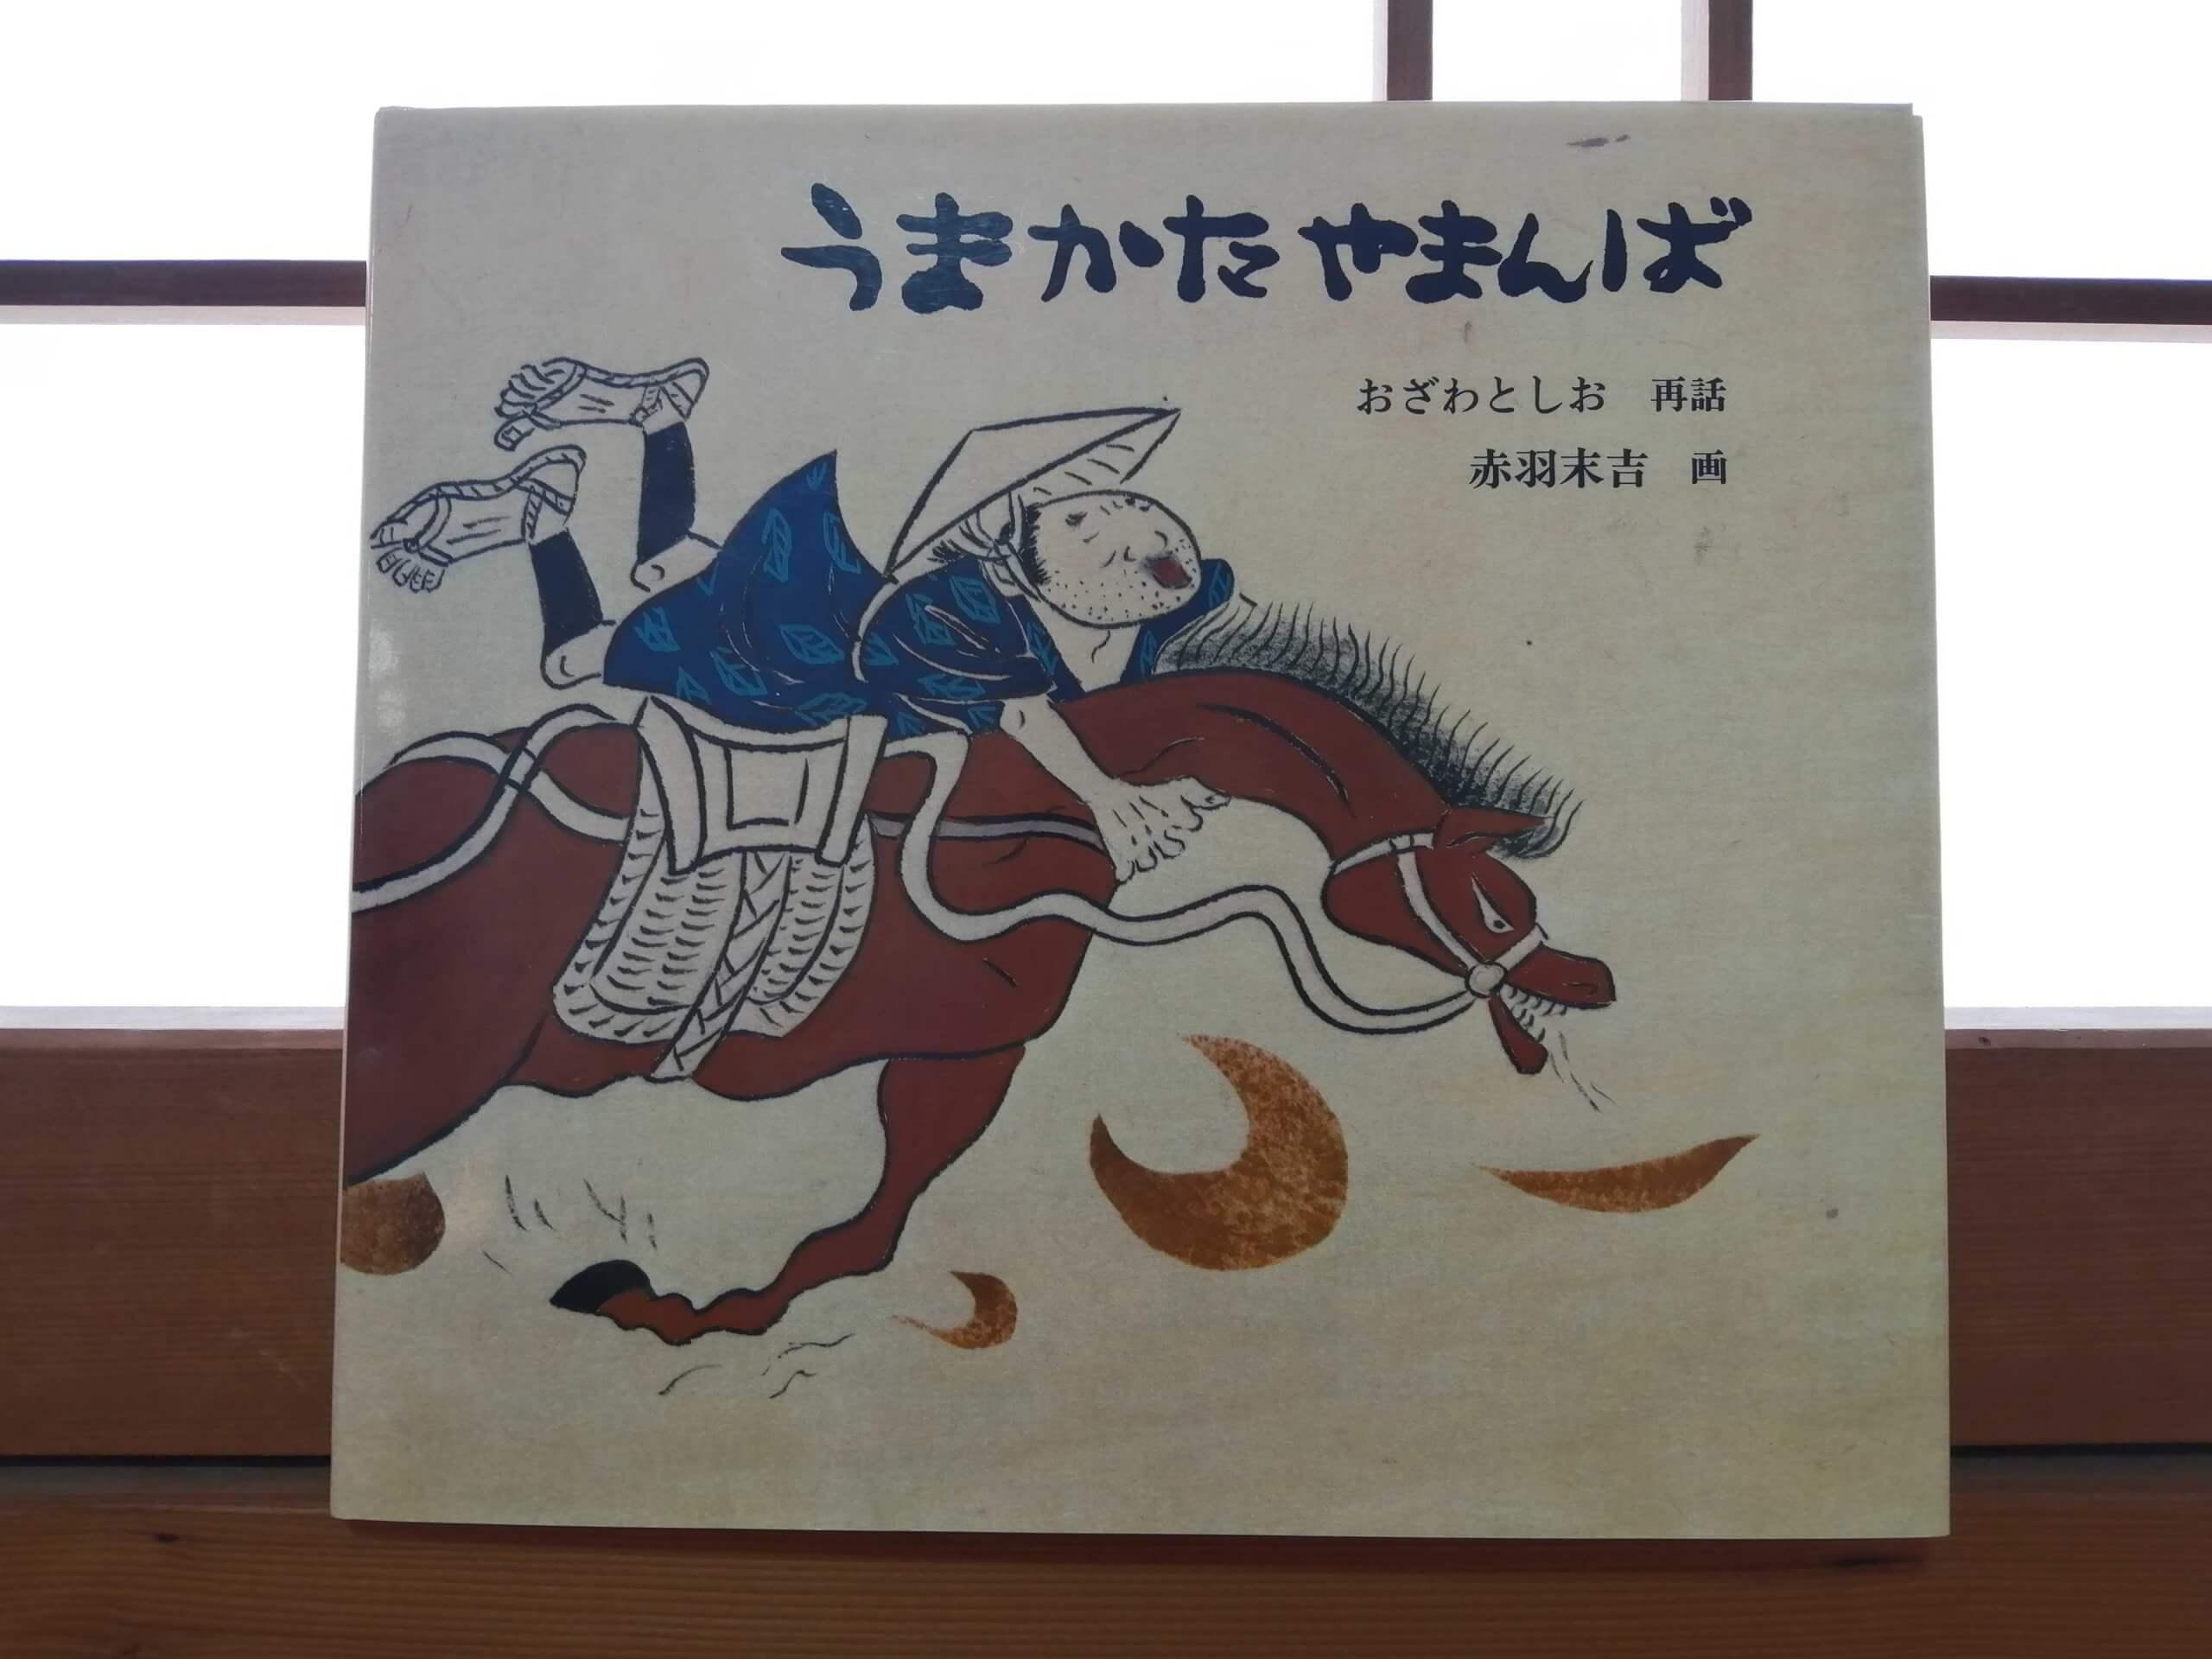 『うまかたやまんば』(おざわ としお再話 赤羽末吉 画、福音館書店)